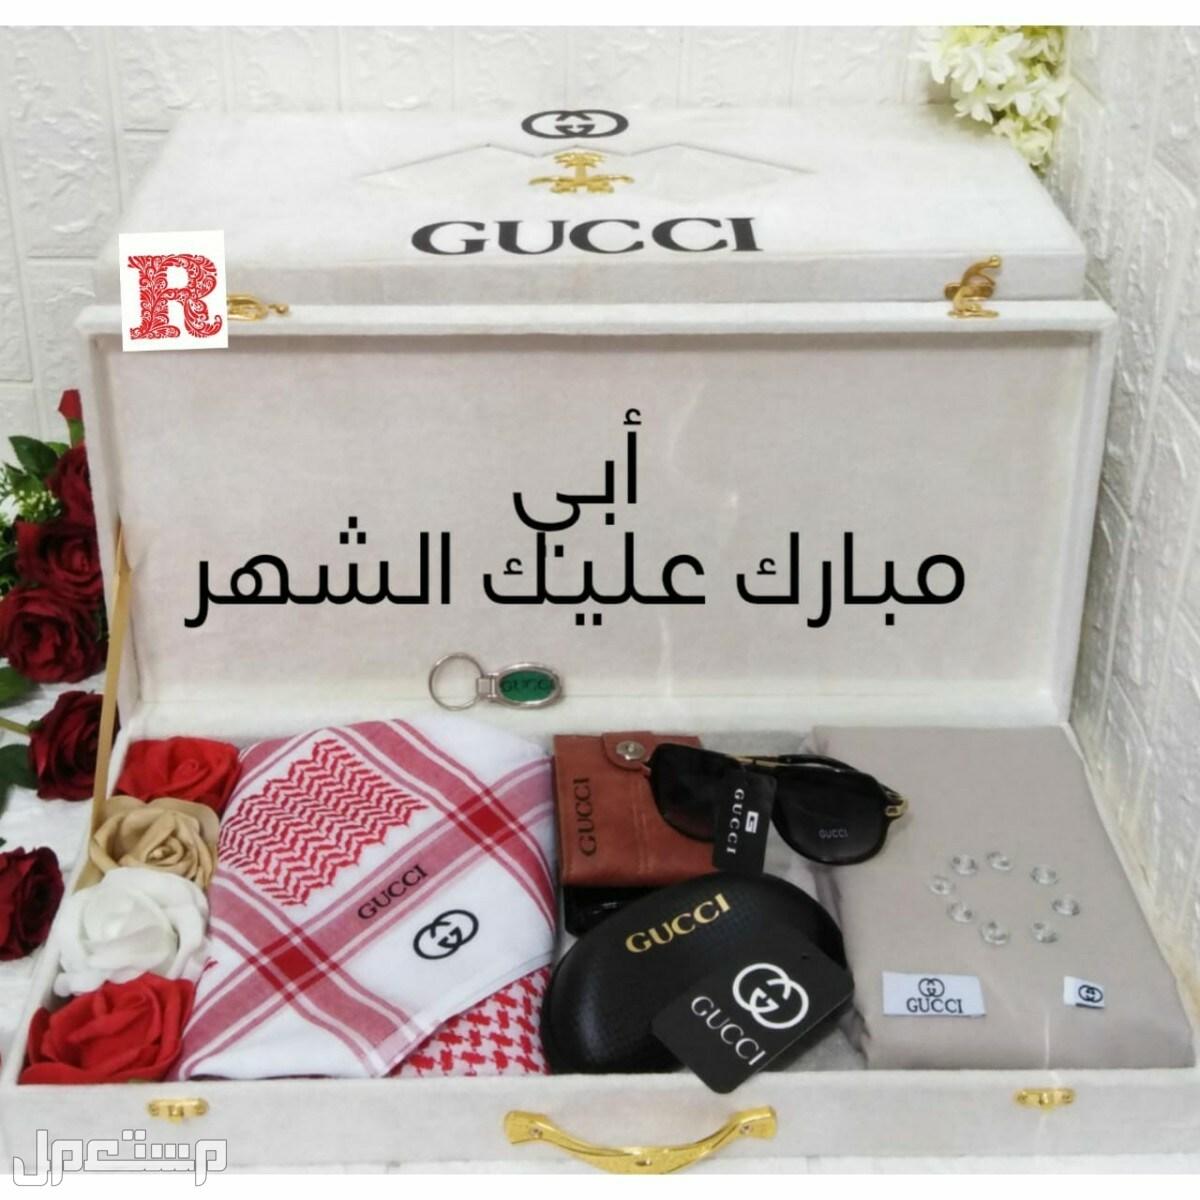 هدايا رمضانية رجالية مميزه# يوجد شحن لجميع المدن